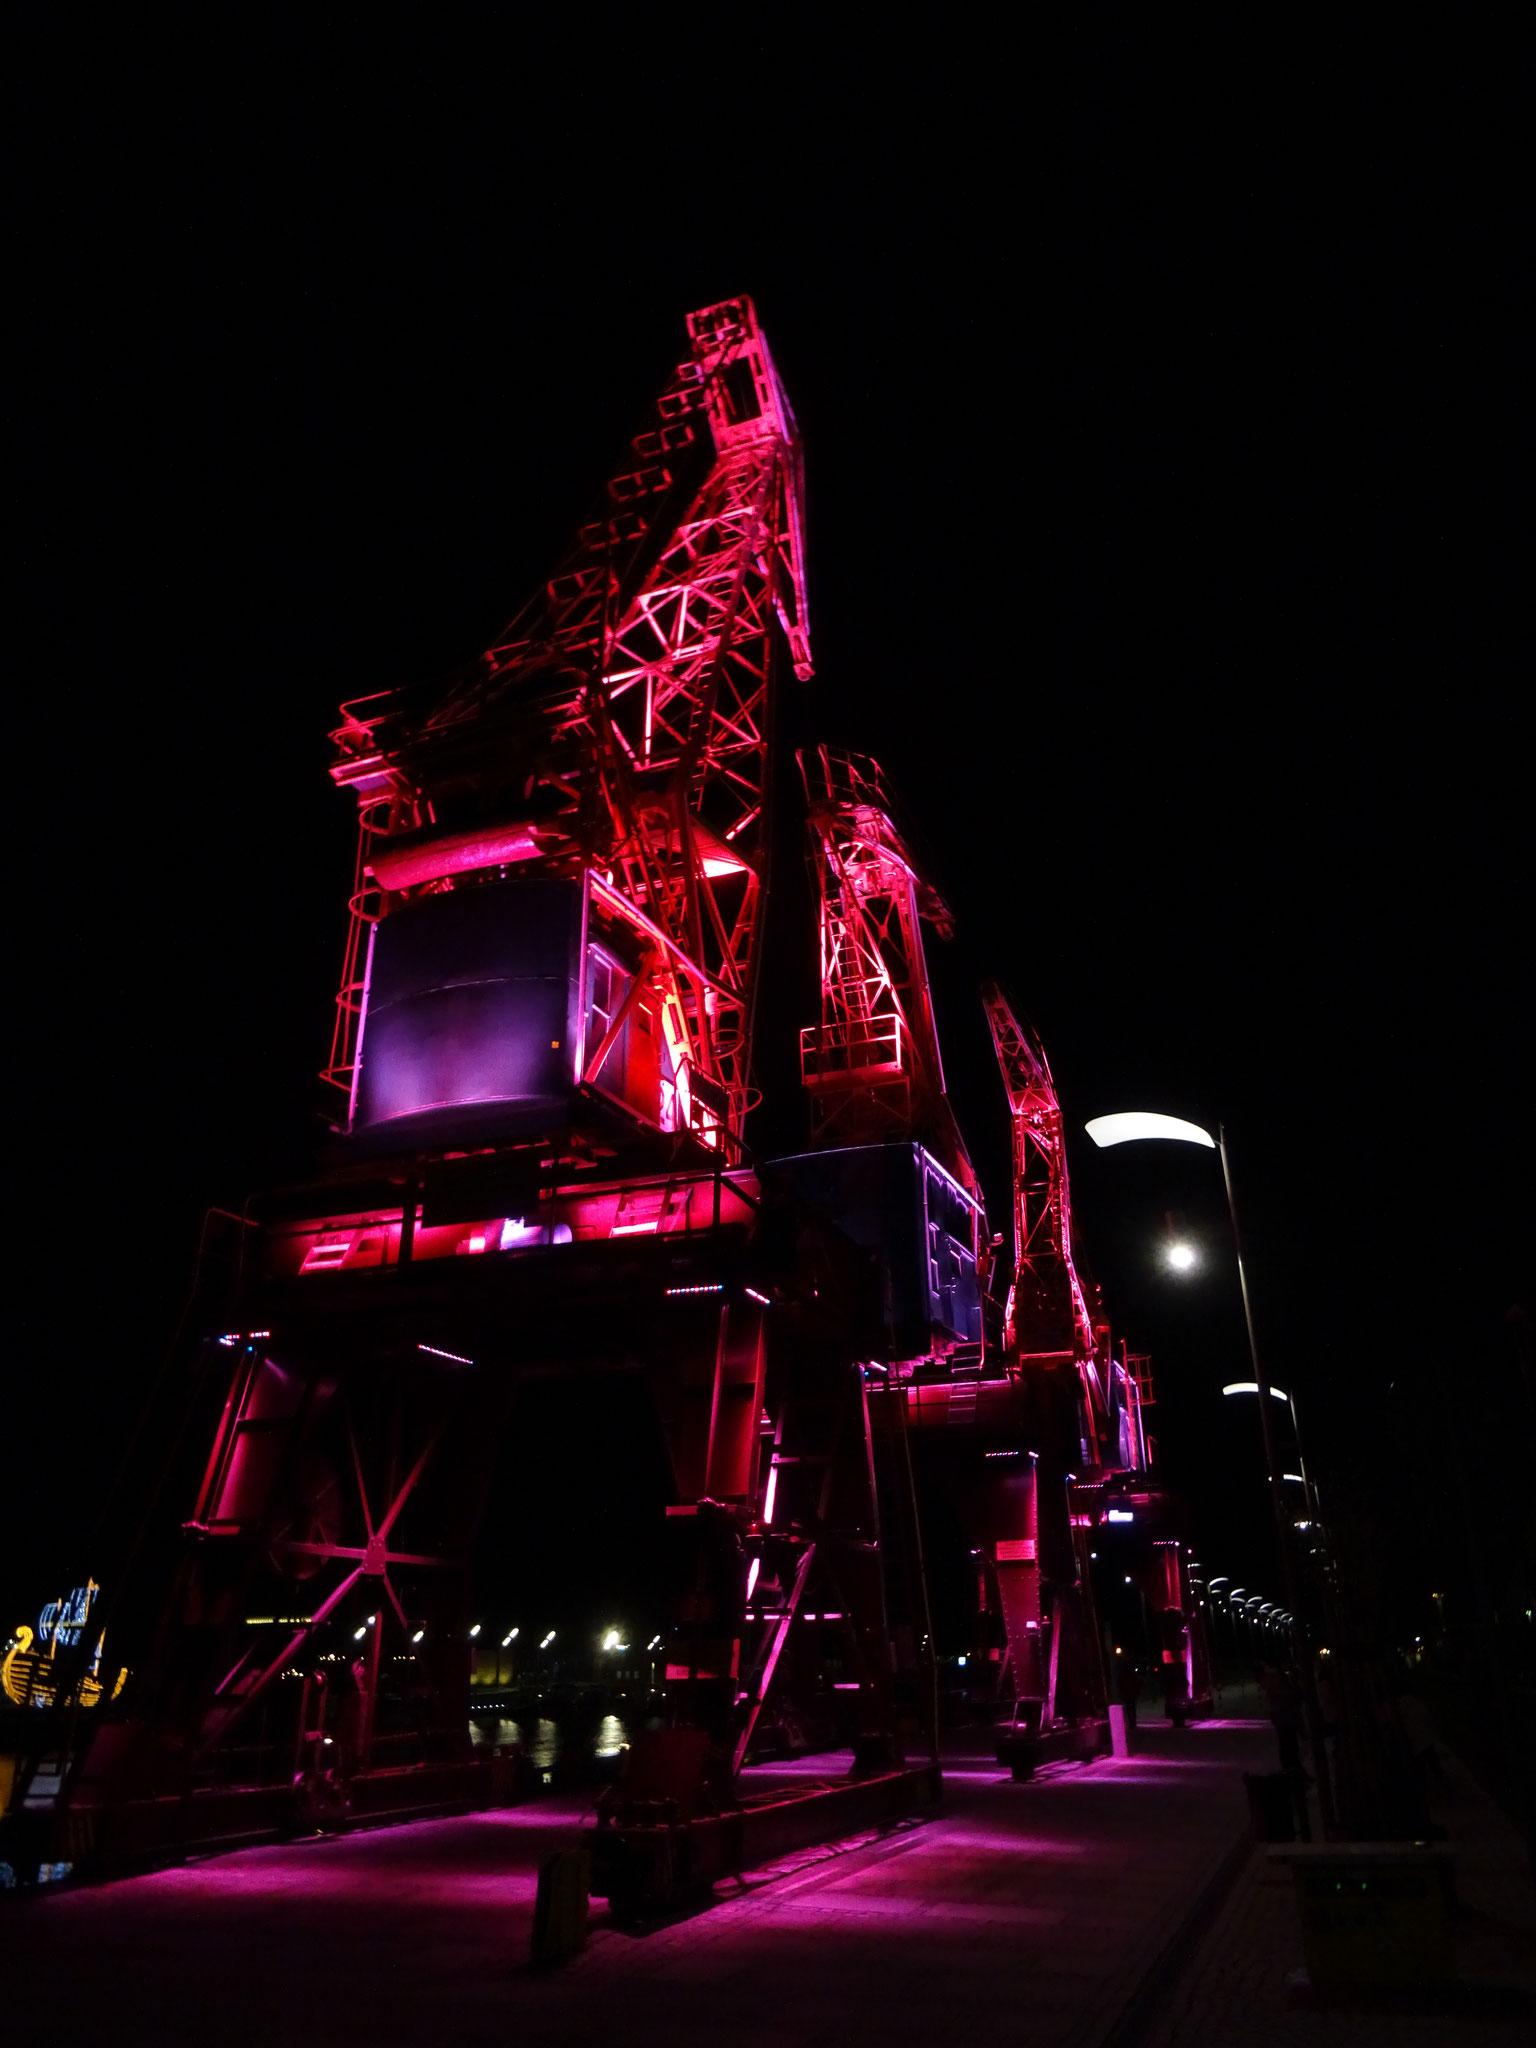 Stettin Hafen Nacht alte Krananlage Lichtinstallation rot pink magenta